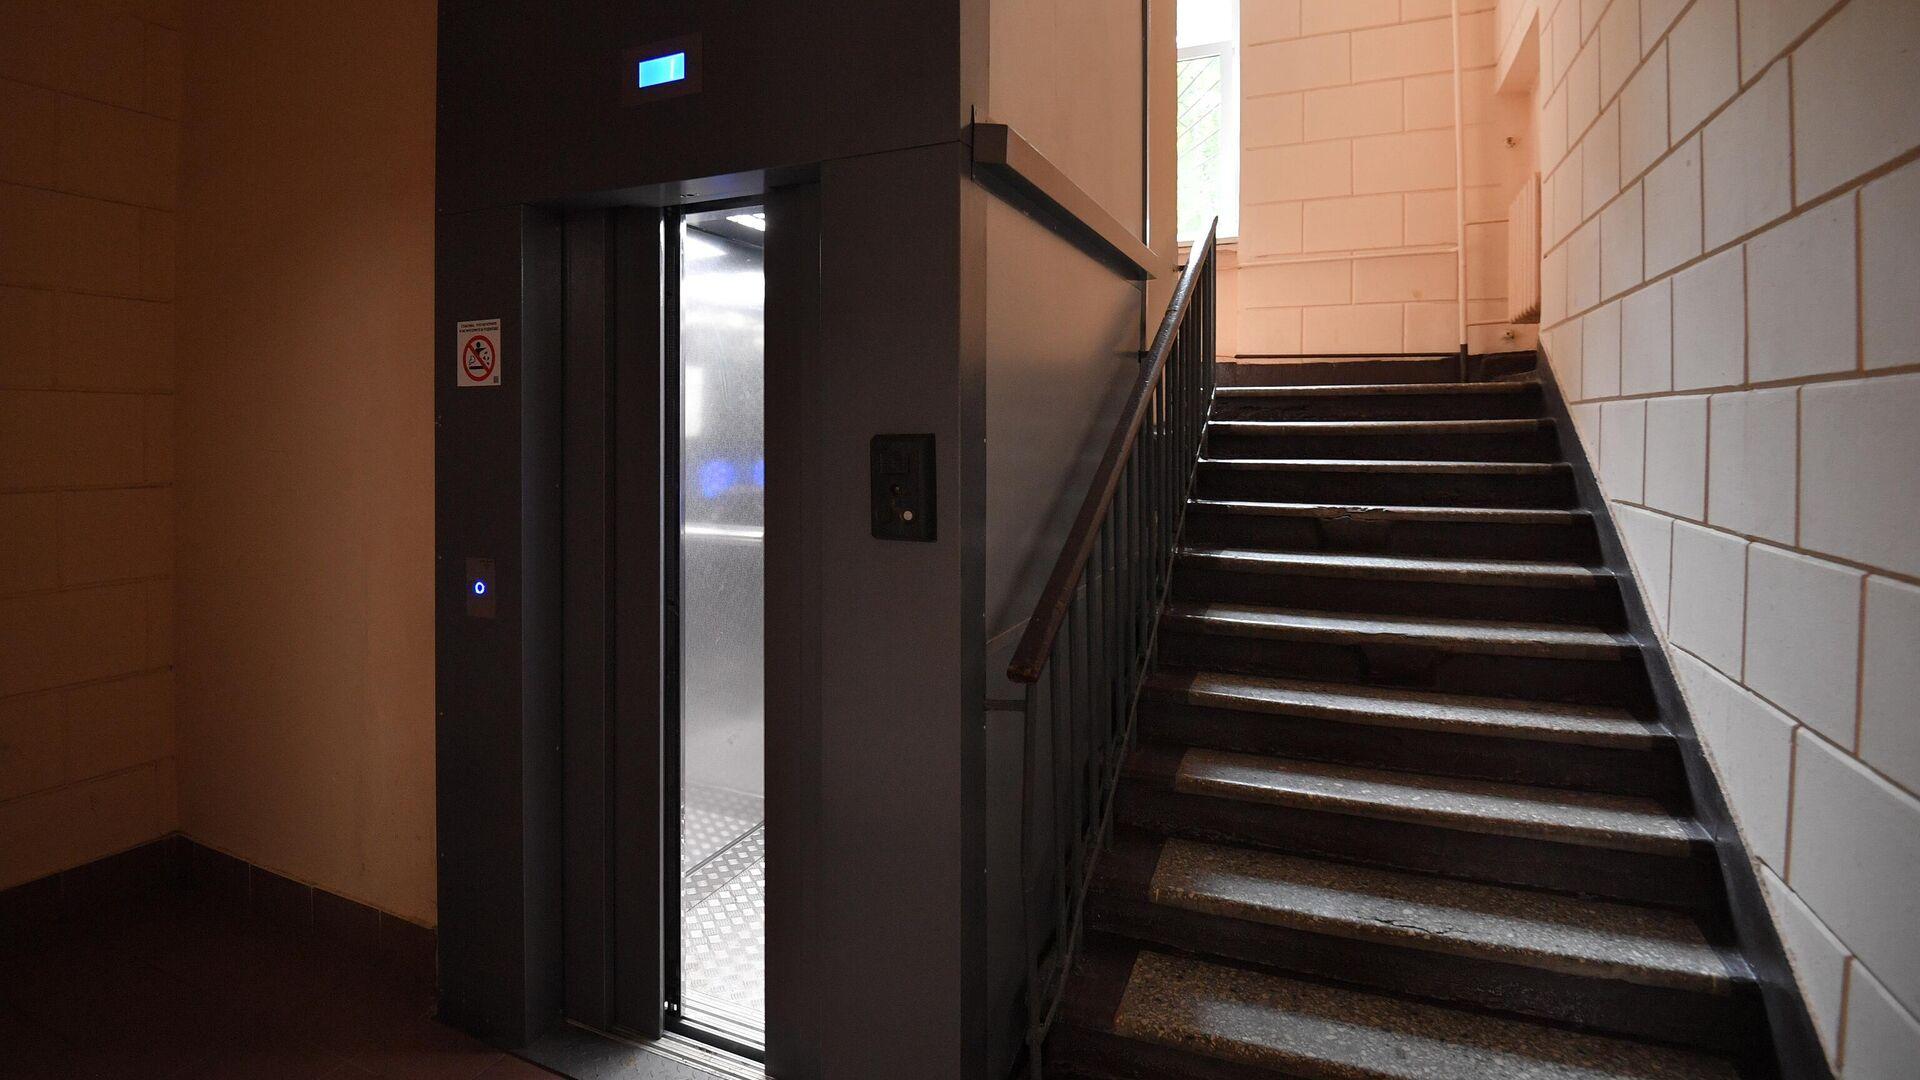 Лифт в подъезде жилого дома в Москве - РИА Новости, 1920, 03.11.2020